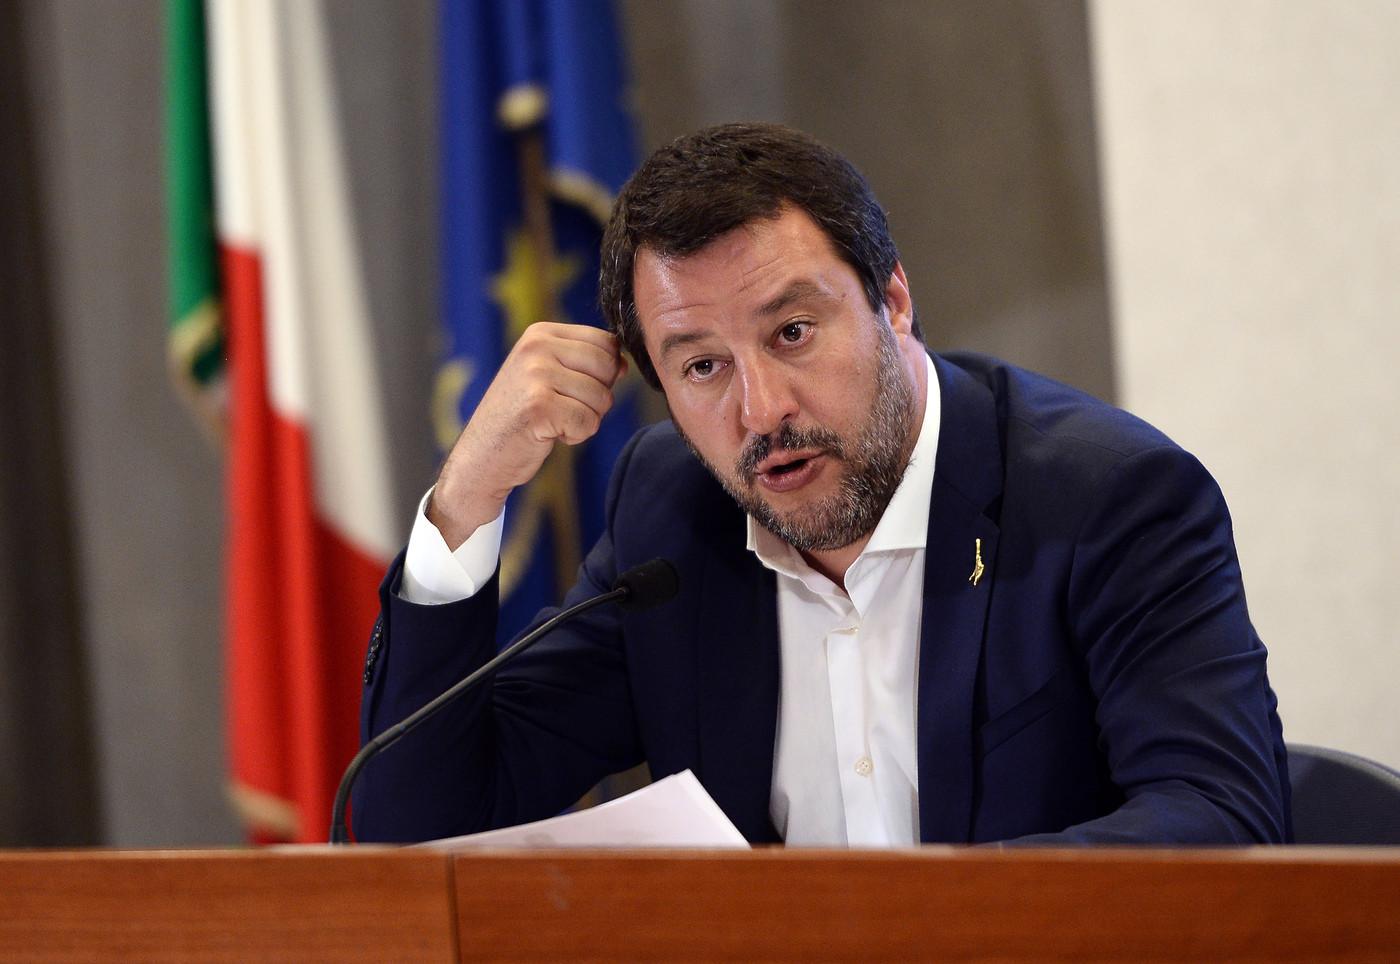 """25 aprile, Salvini a Corleone: """"Colleghi rispettino la mia scelta, vorrei fosse giornata di unione"""""""